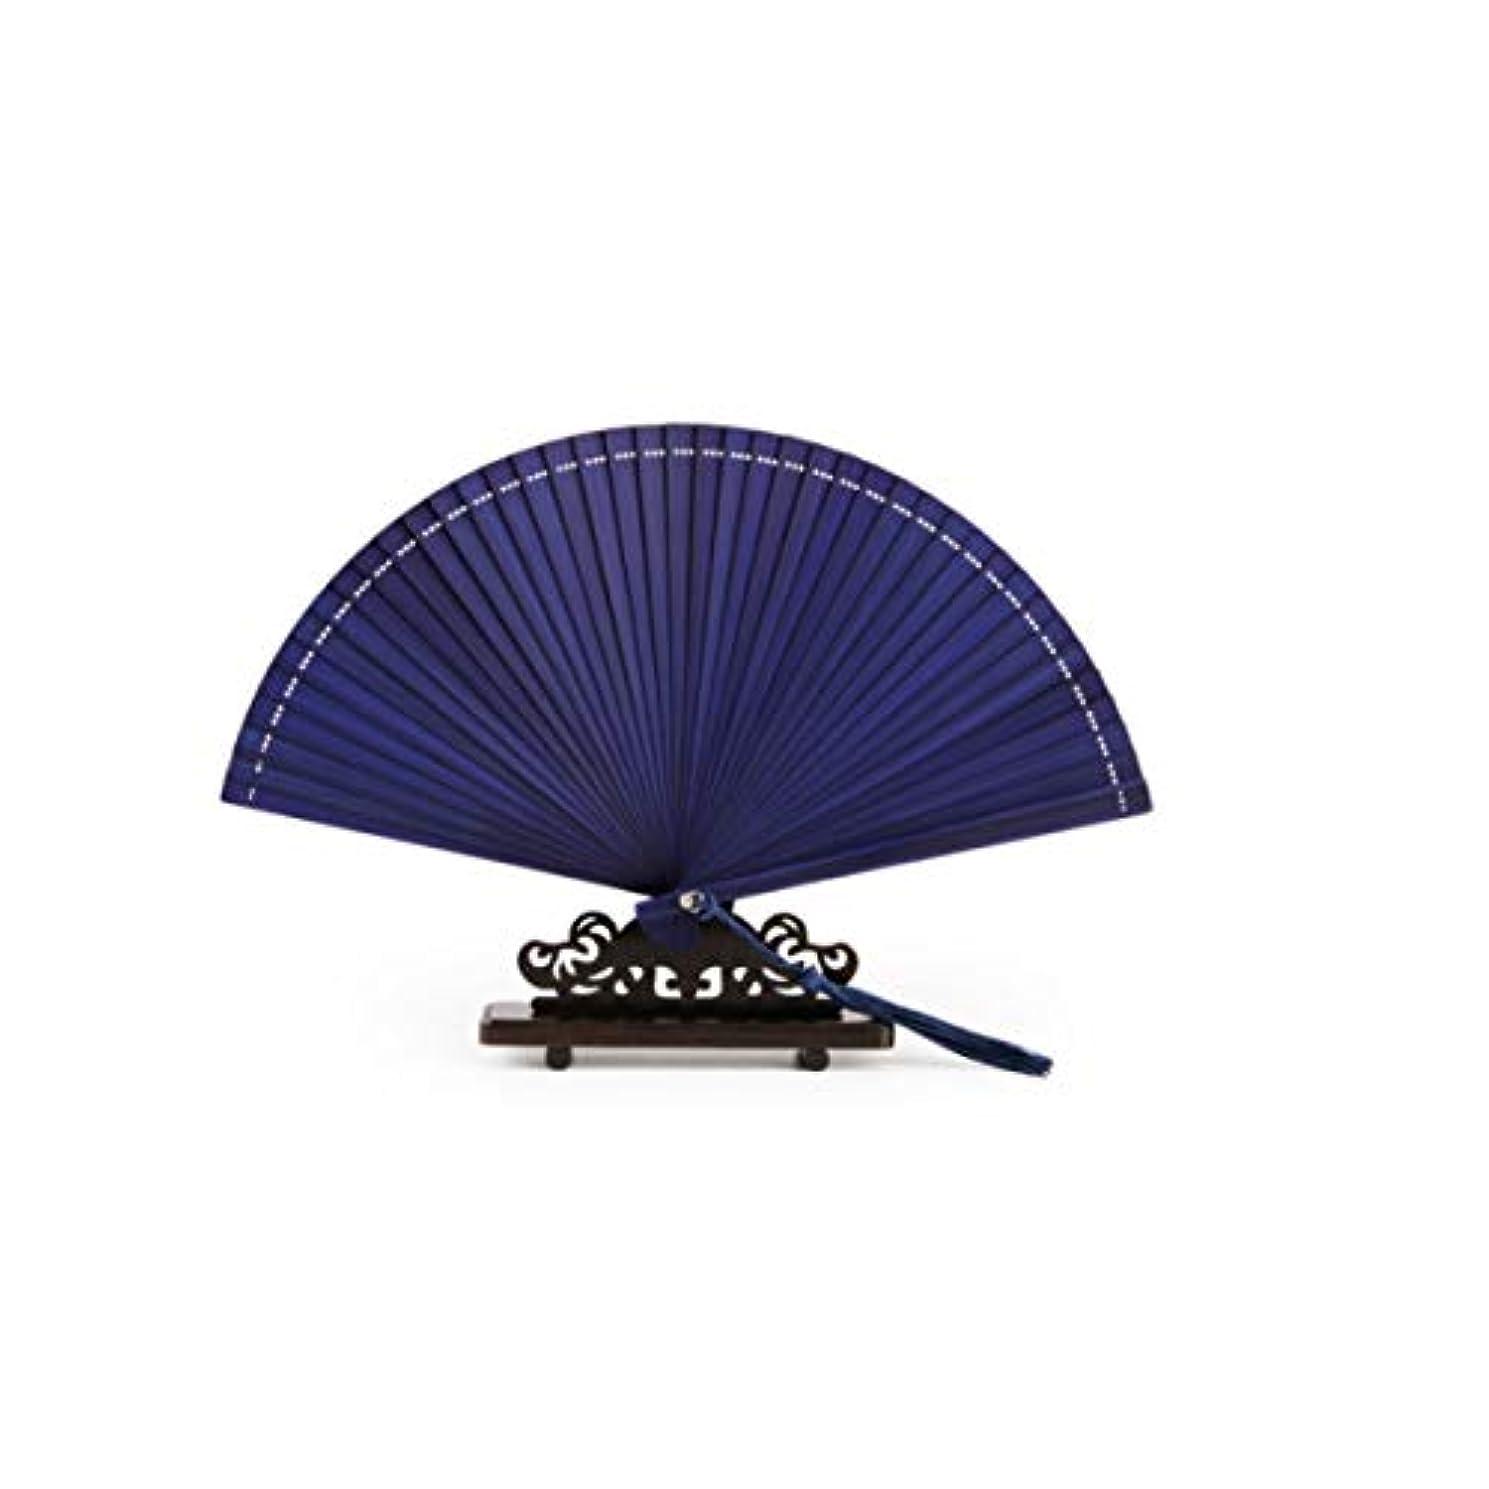 呼ぶ同行する横たわるKATH ファン5インチの小型扇子中国風ささやかな贈り物を折りたたみ